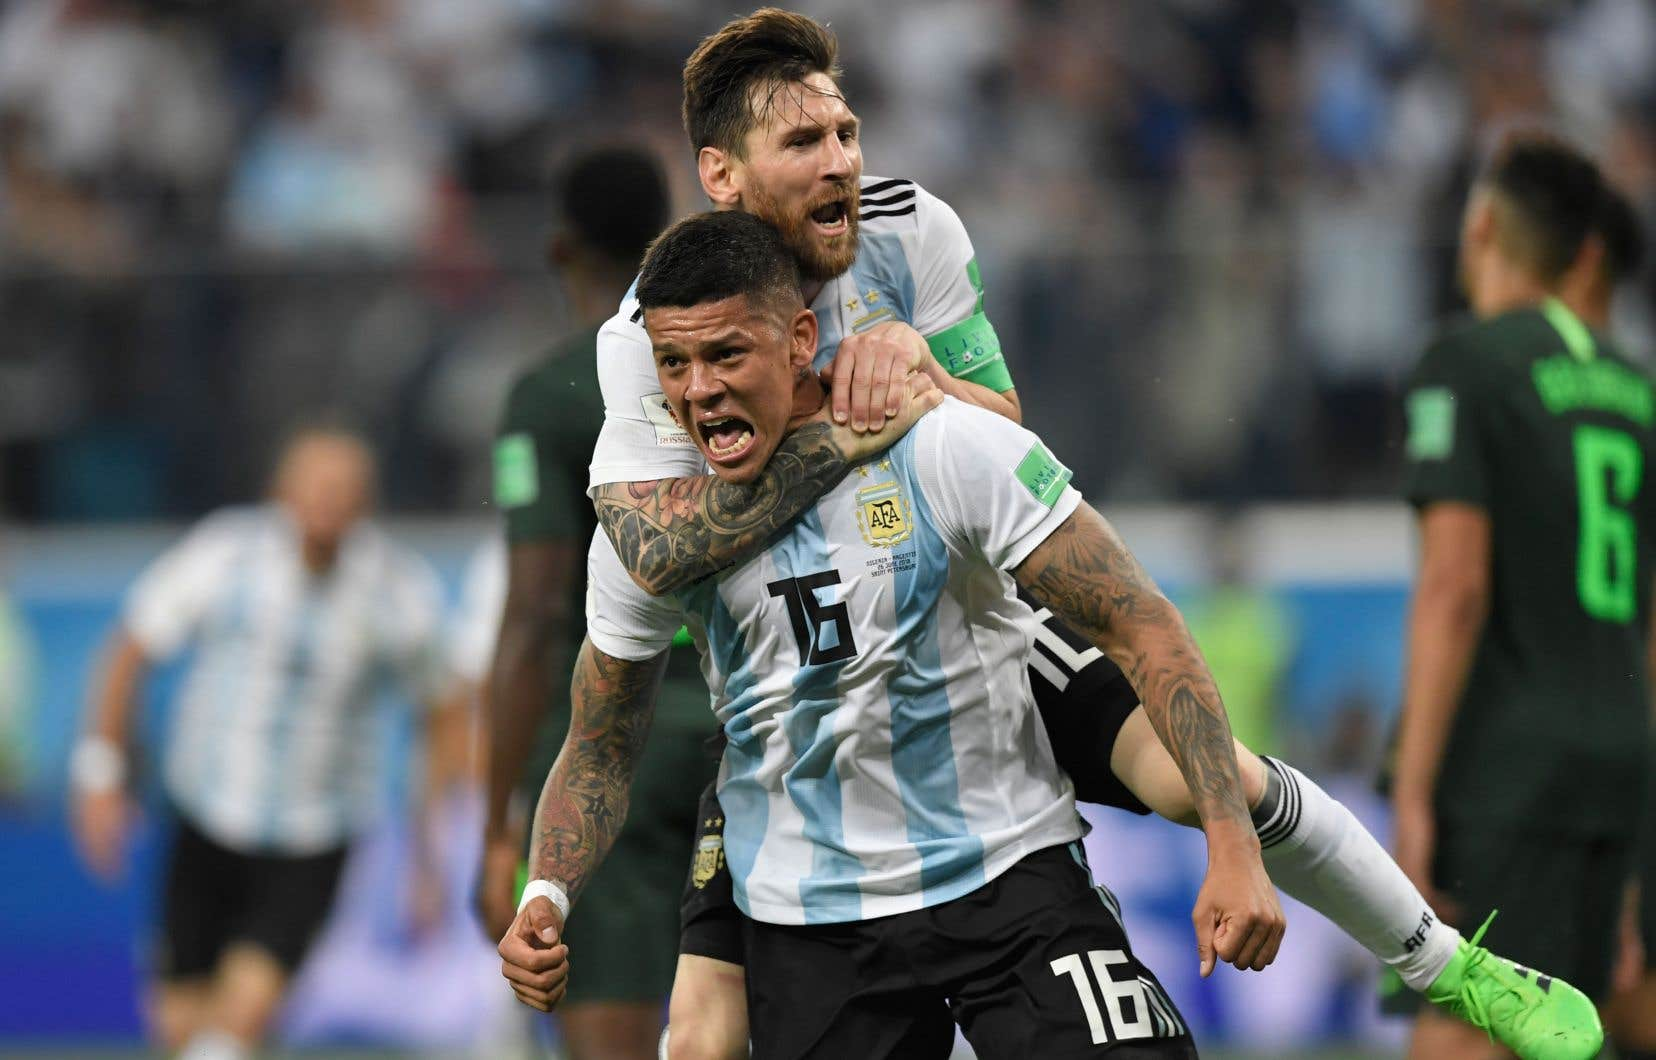 Lionel Messi a sauté sur le dos de son coéquipier, le défenseur Marcos Rojo, après que ce dernier a marqué le but vainqueur contre le Nigeria, mardi.